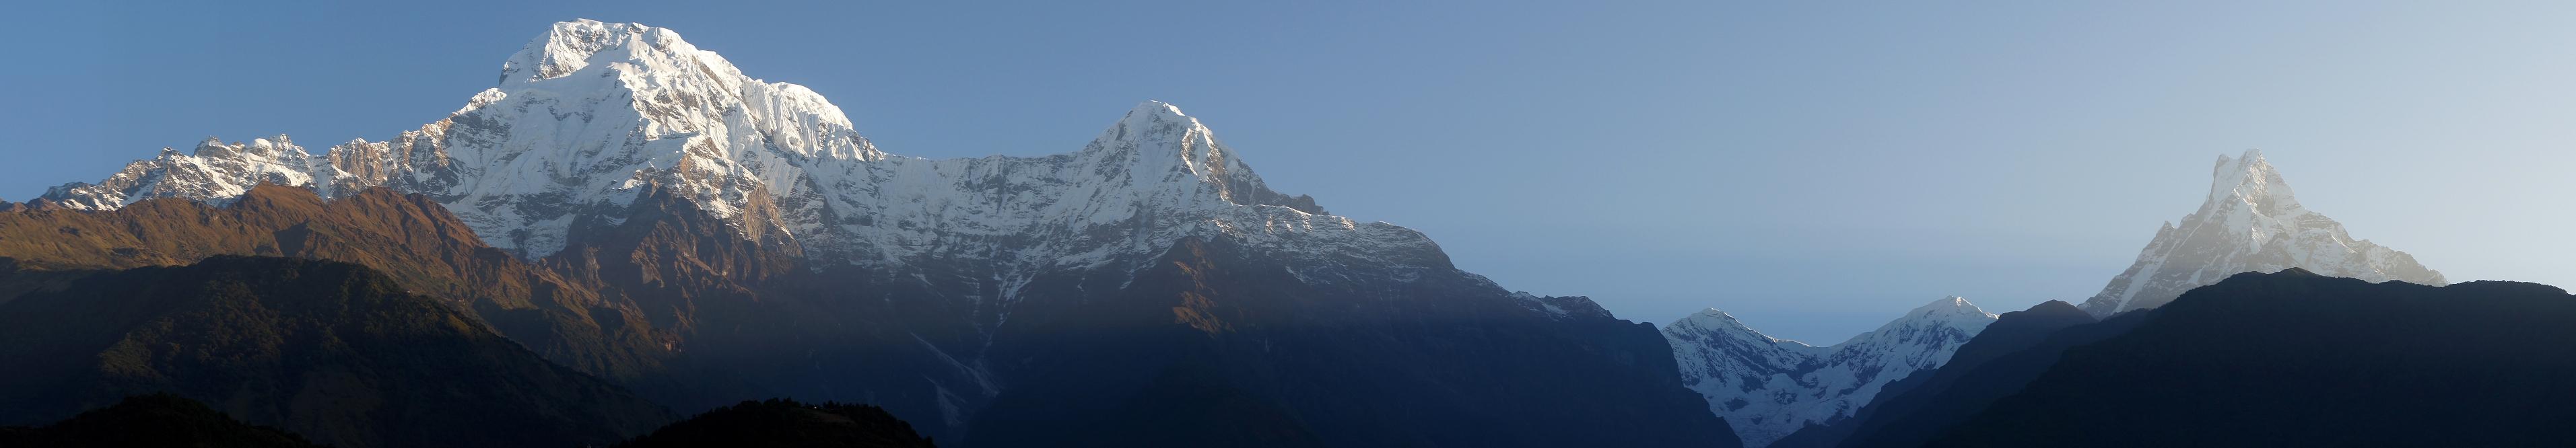 1006_Nepal_024